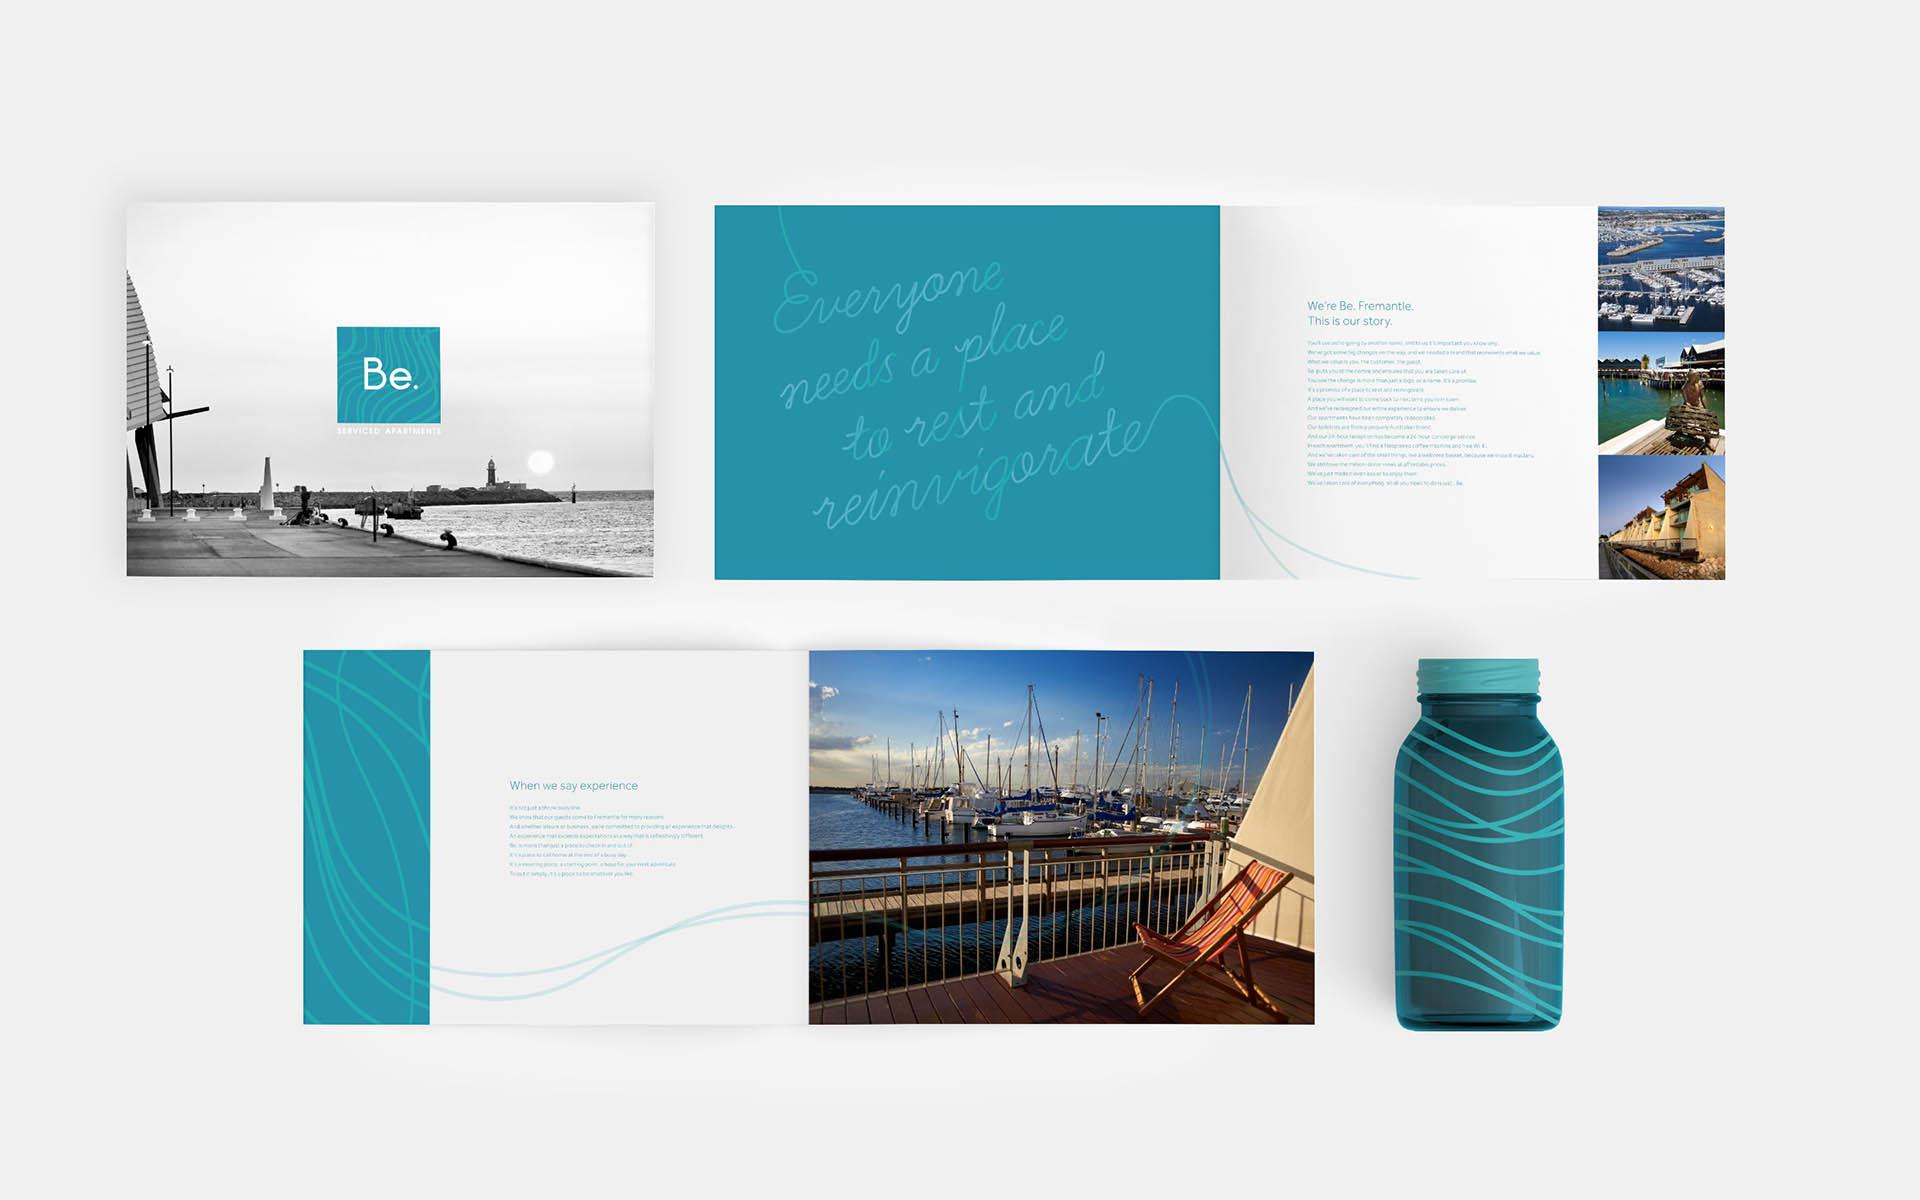 Be-brandbook